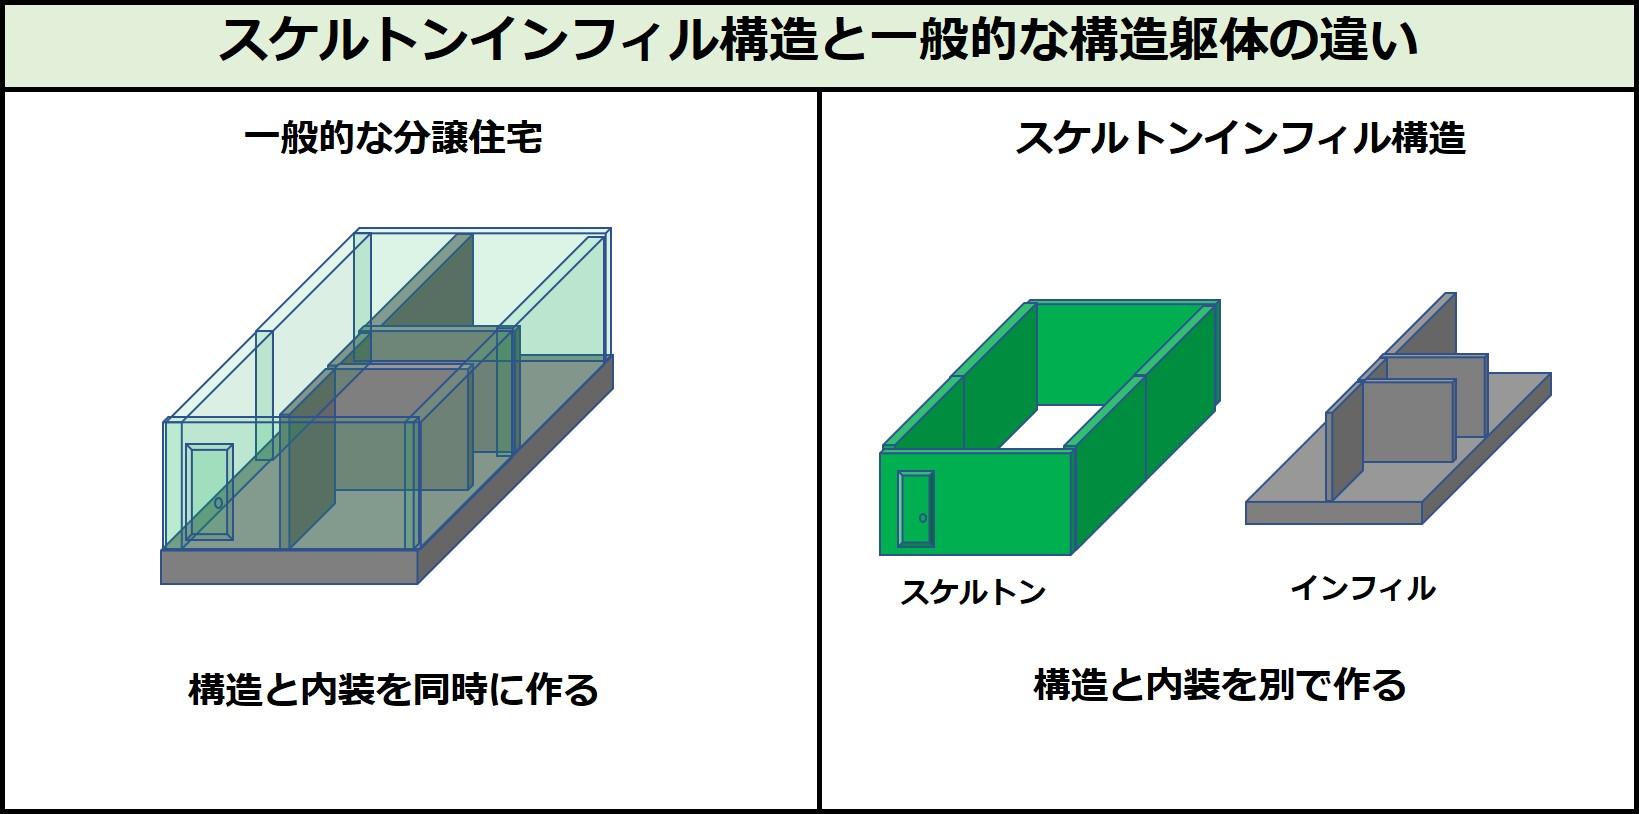 スケルトンインフィル構造と一般的な構造躯体の違い